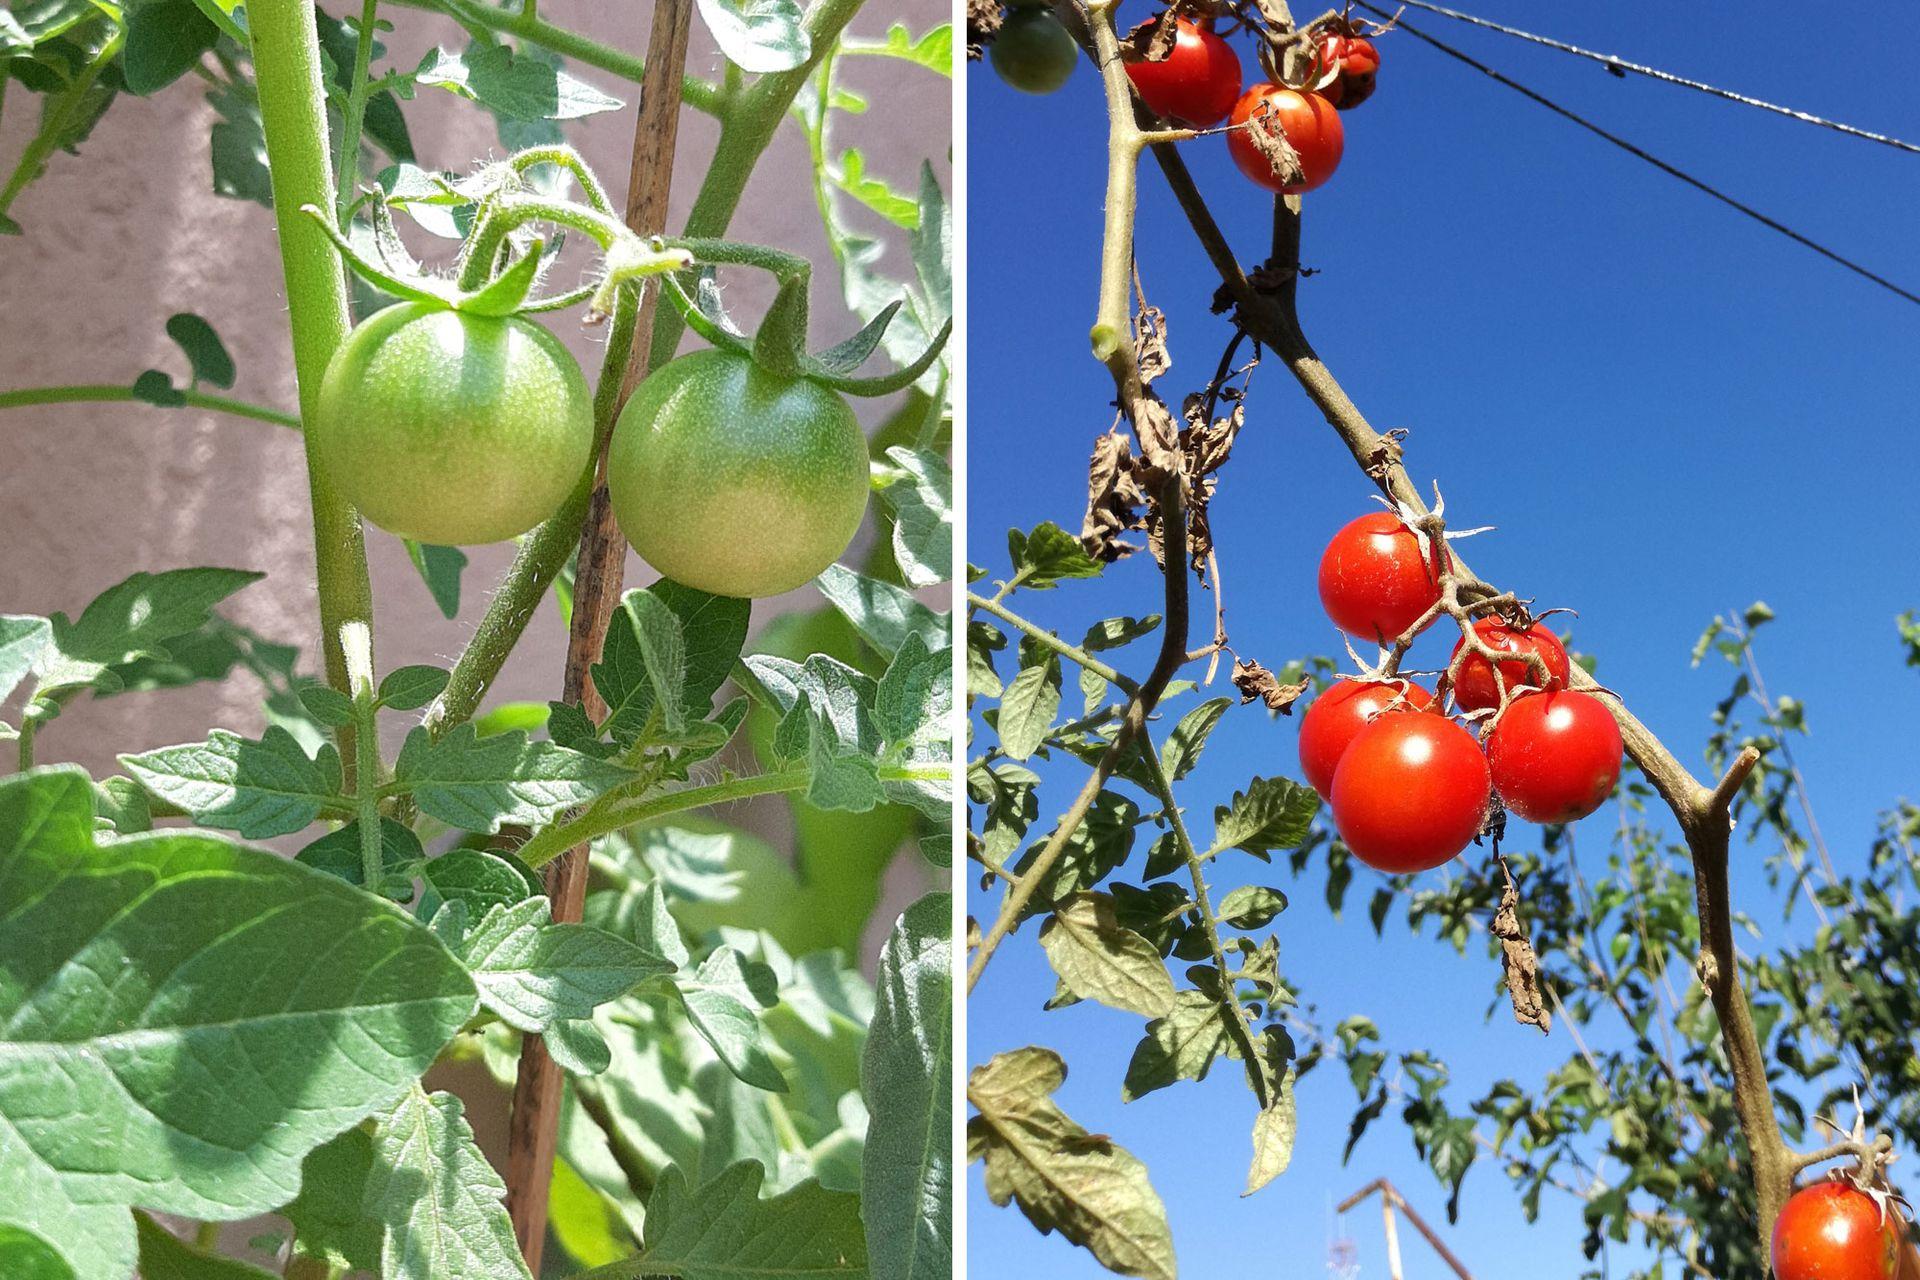 El cultivo de tomates es uno de los más sencillos de tener en la huerta hogareña. Las plantas necesitan seis horas de sol y riego abundante, aunque no demasiado frecuente.